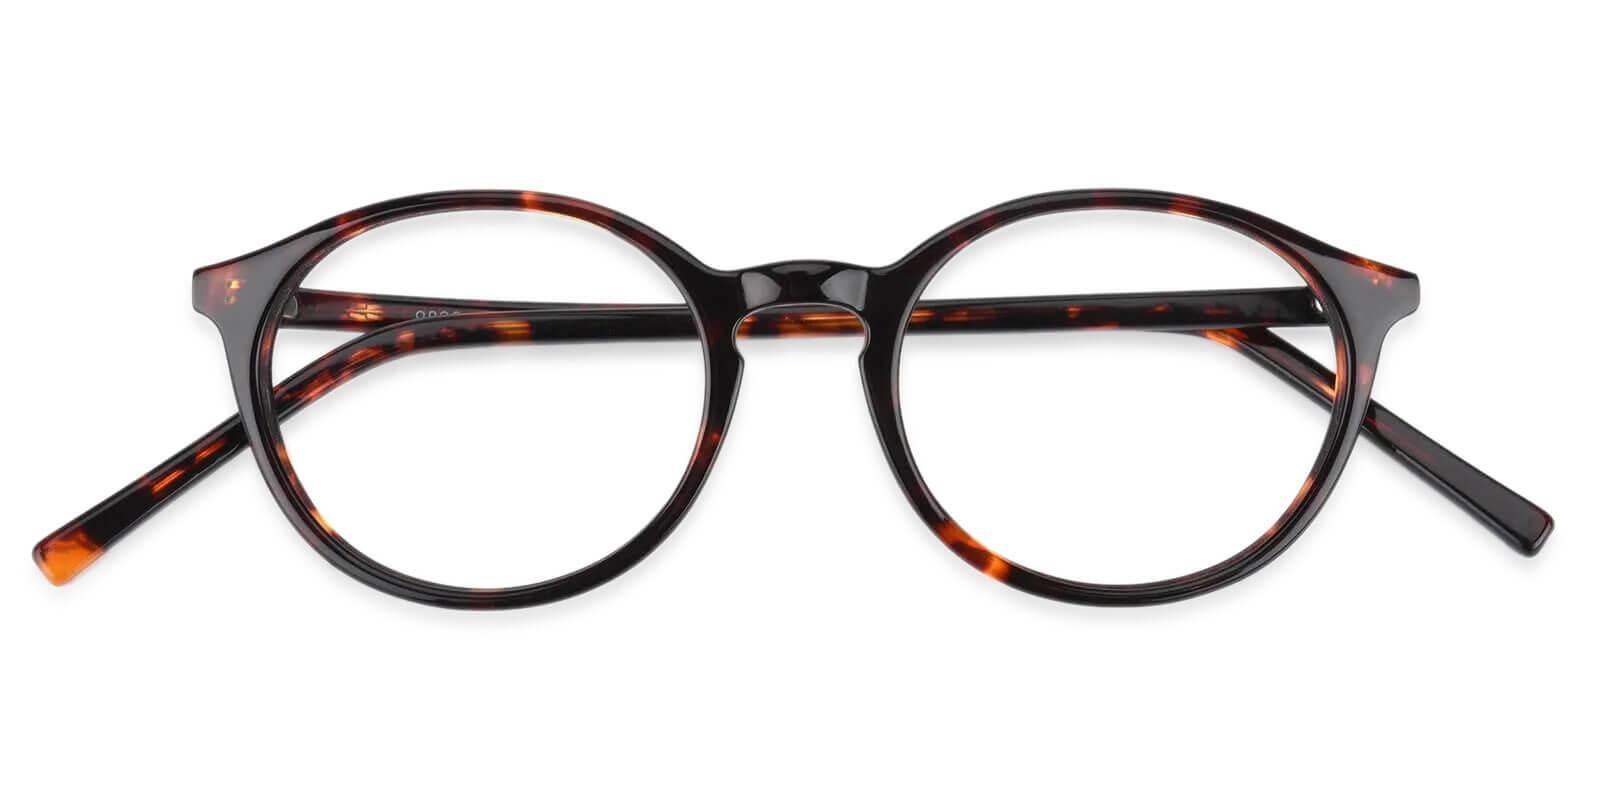 Esteban Tortoise TR Eyeglasses , UniversalBridgeFit Frames from ABBE Glasses